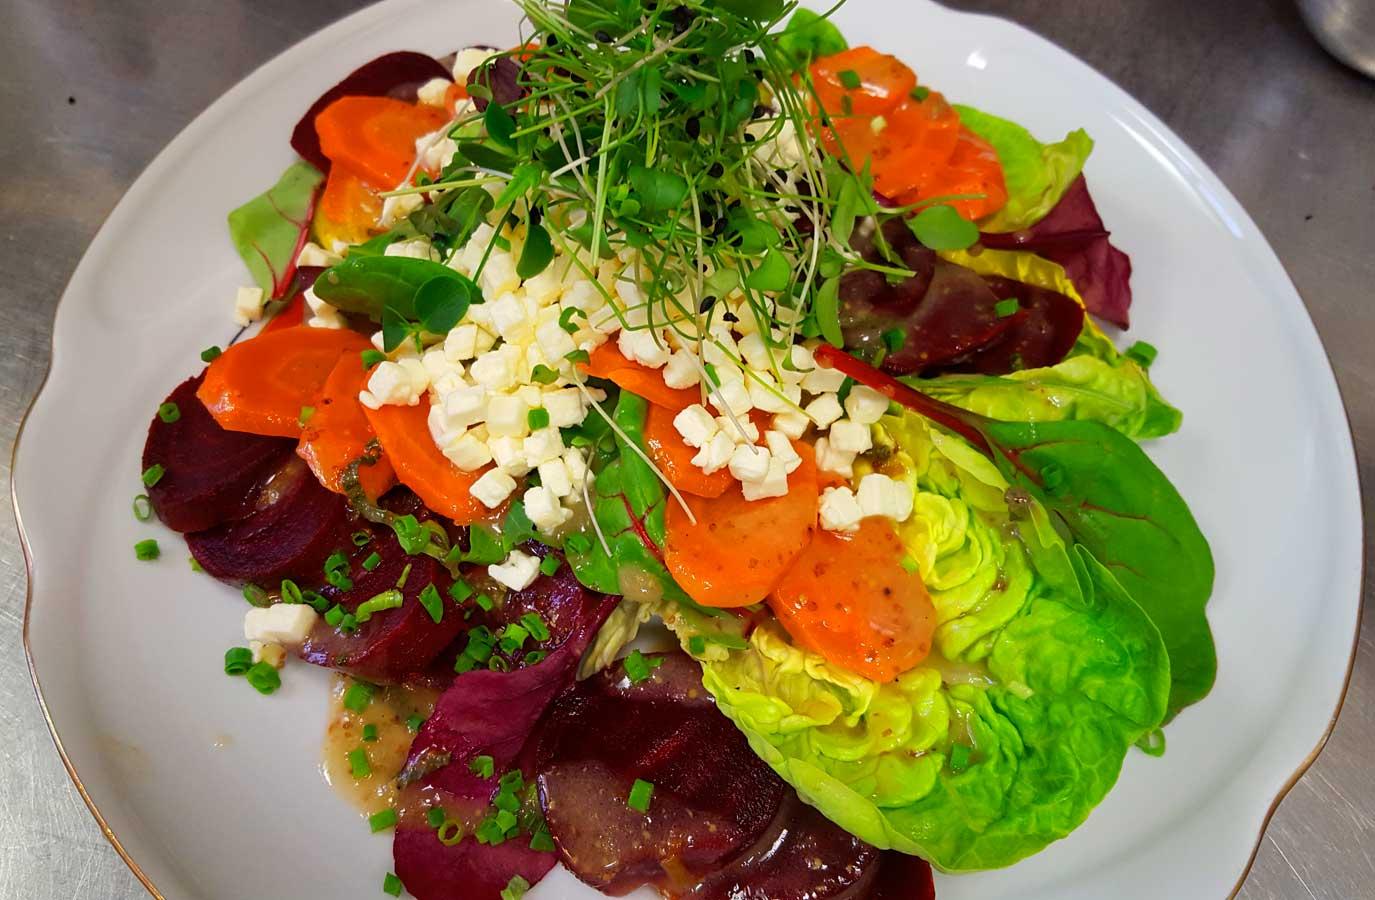 rote bete salat mit m hren und minze deli gesund kochen gesund leben try it. Black Bedroom Furniture Sets. Home Design Ideas